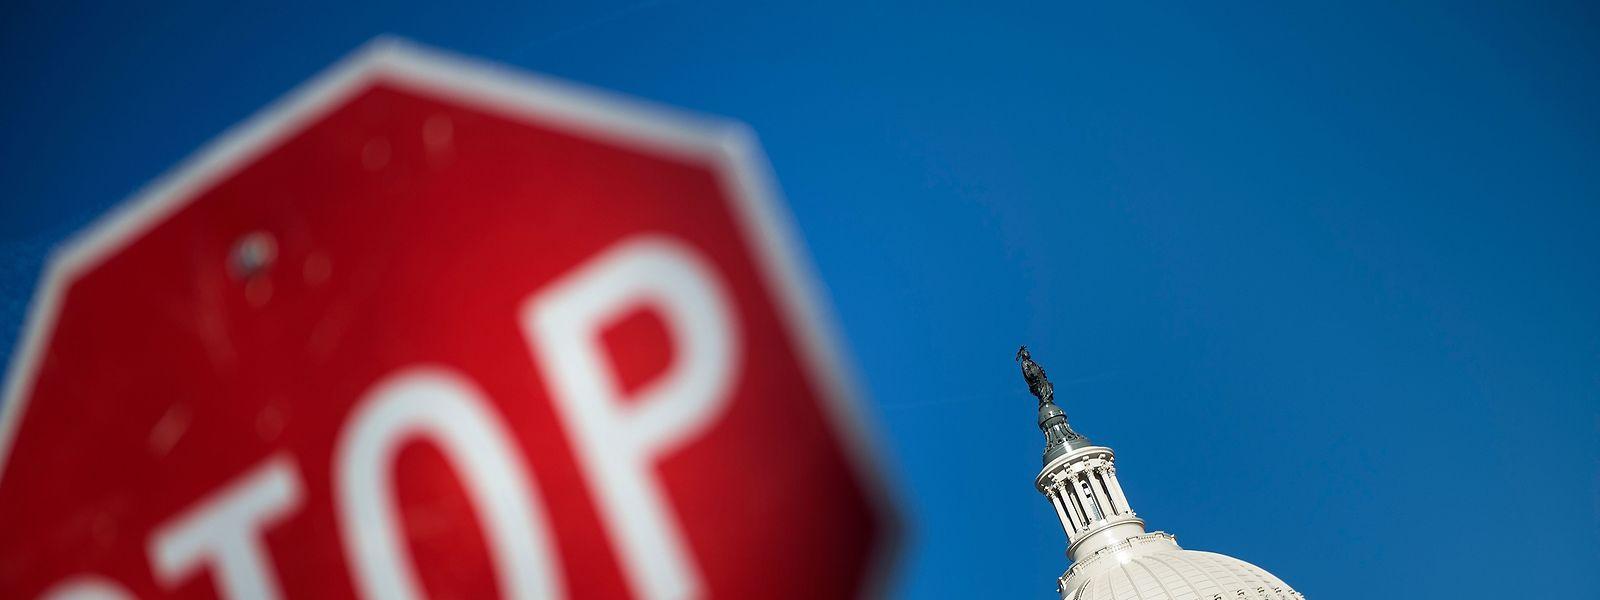 27.000 Beamte in Luxemburg bekämen im Fall eines Shutdowns kein Gehalt mehr.